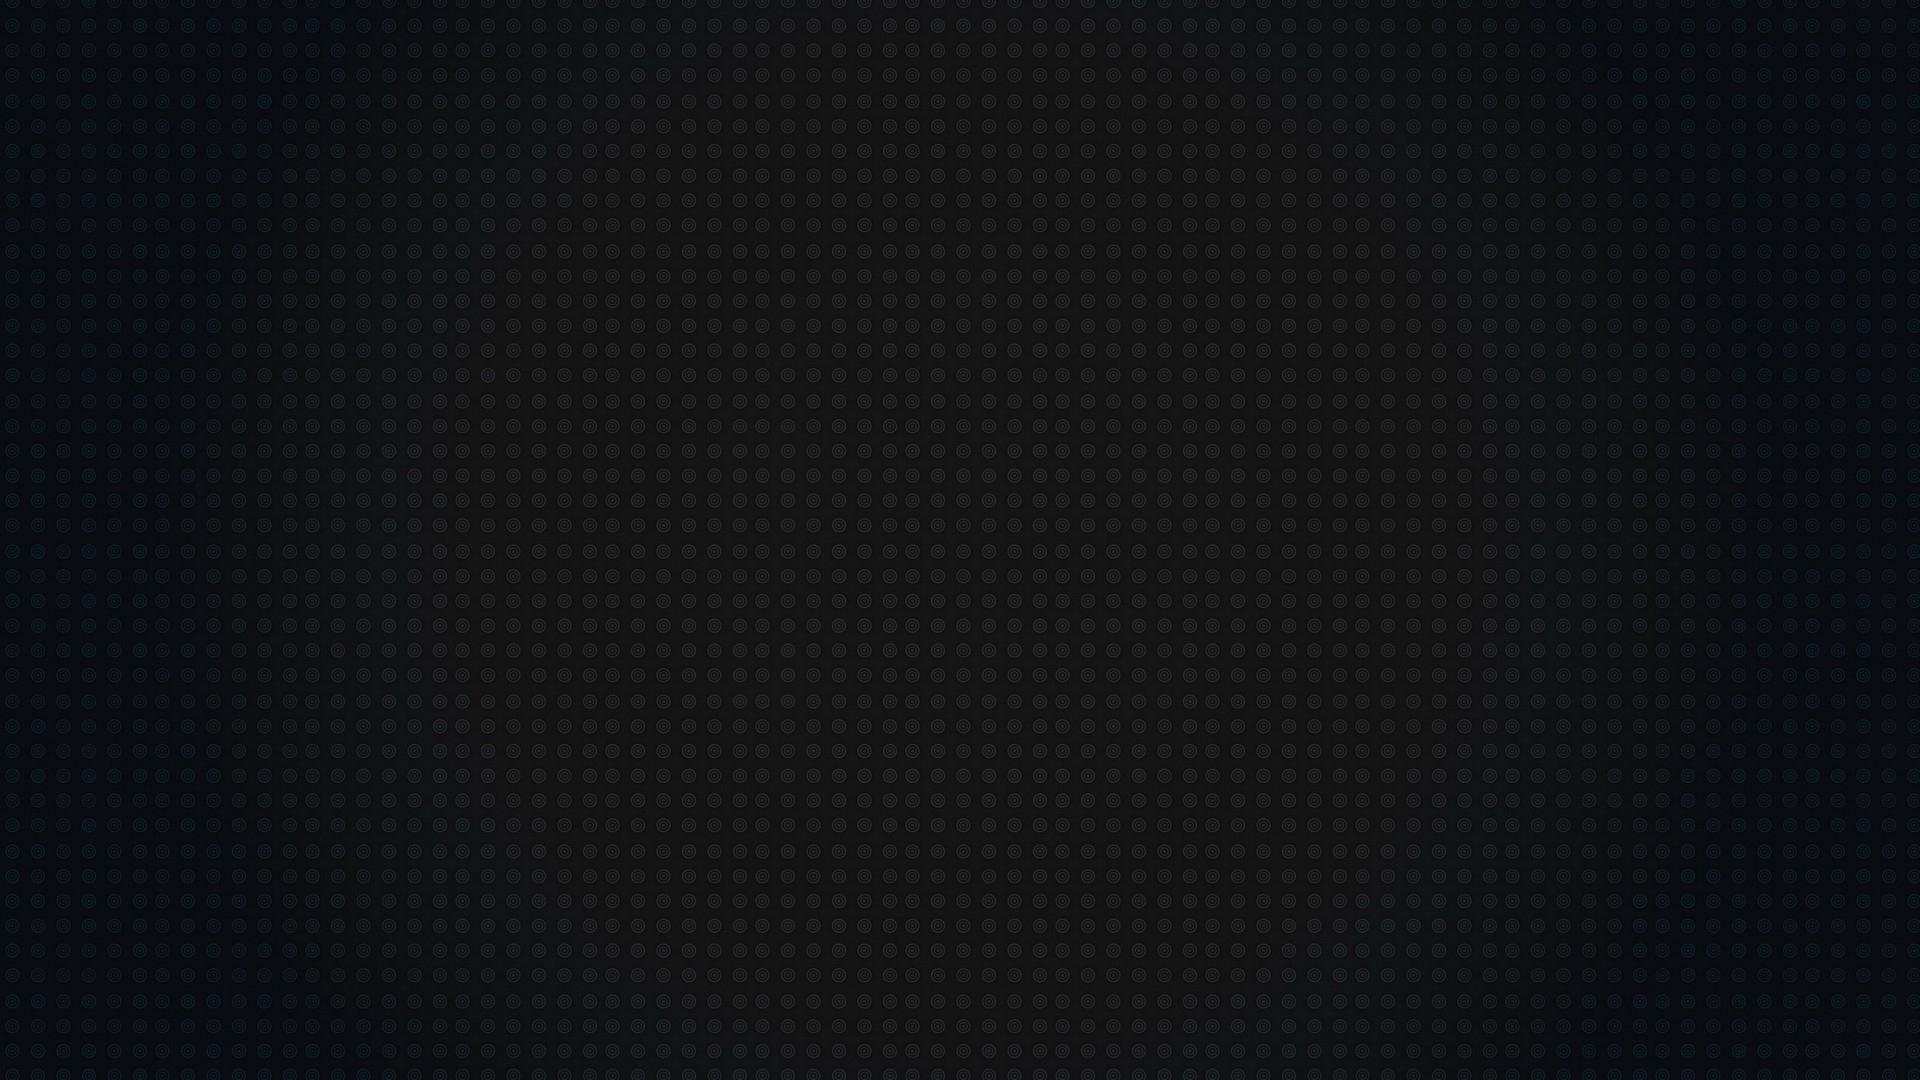 dark background 18320